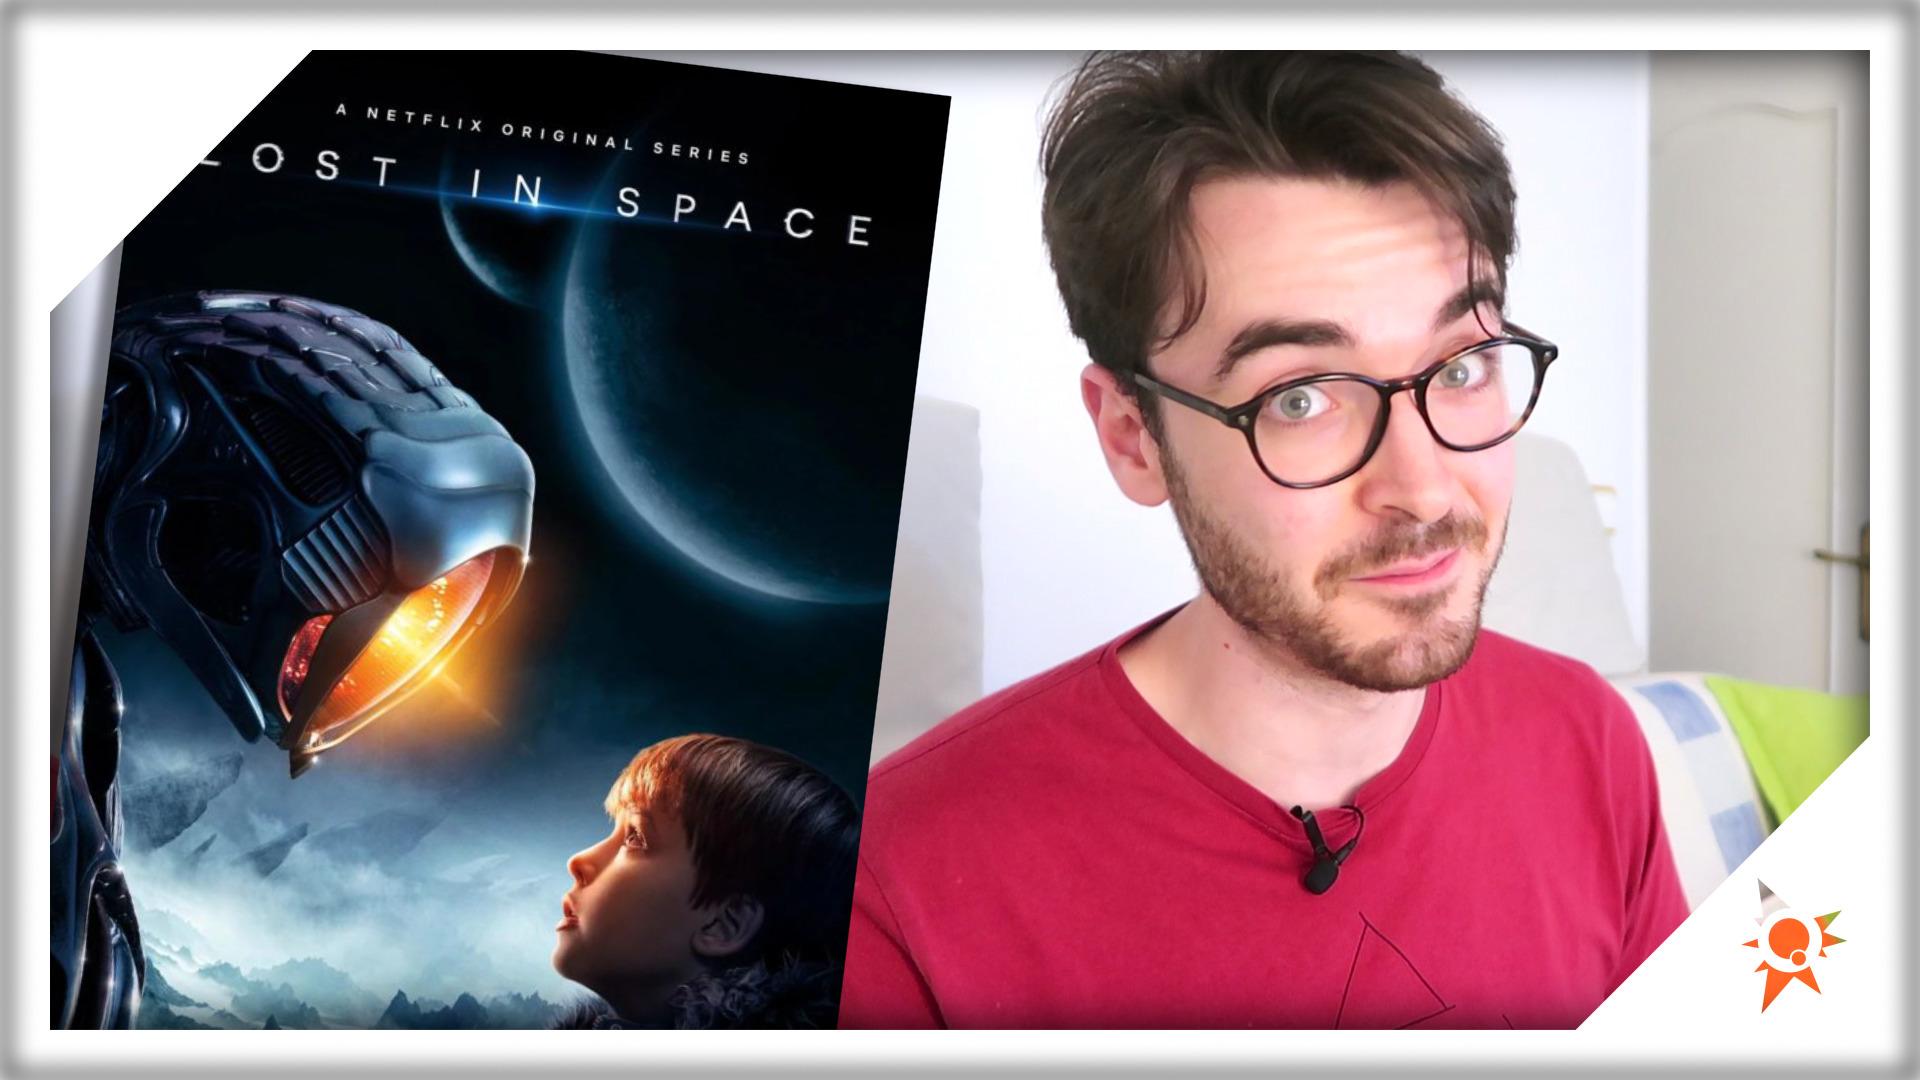 Temporada 1 La Ciencia de LOST IN SPACE